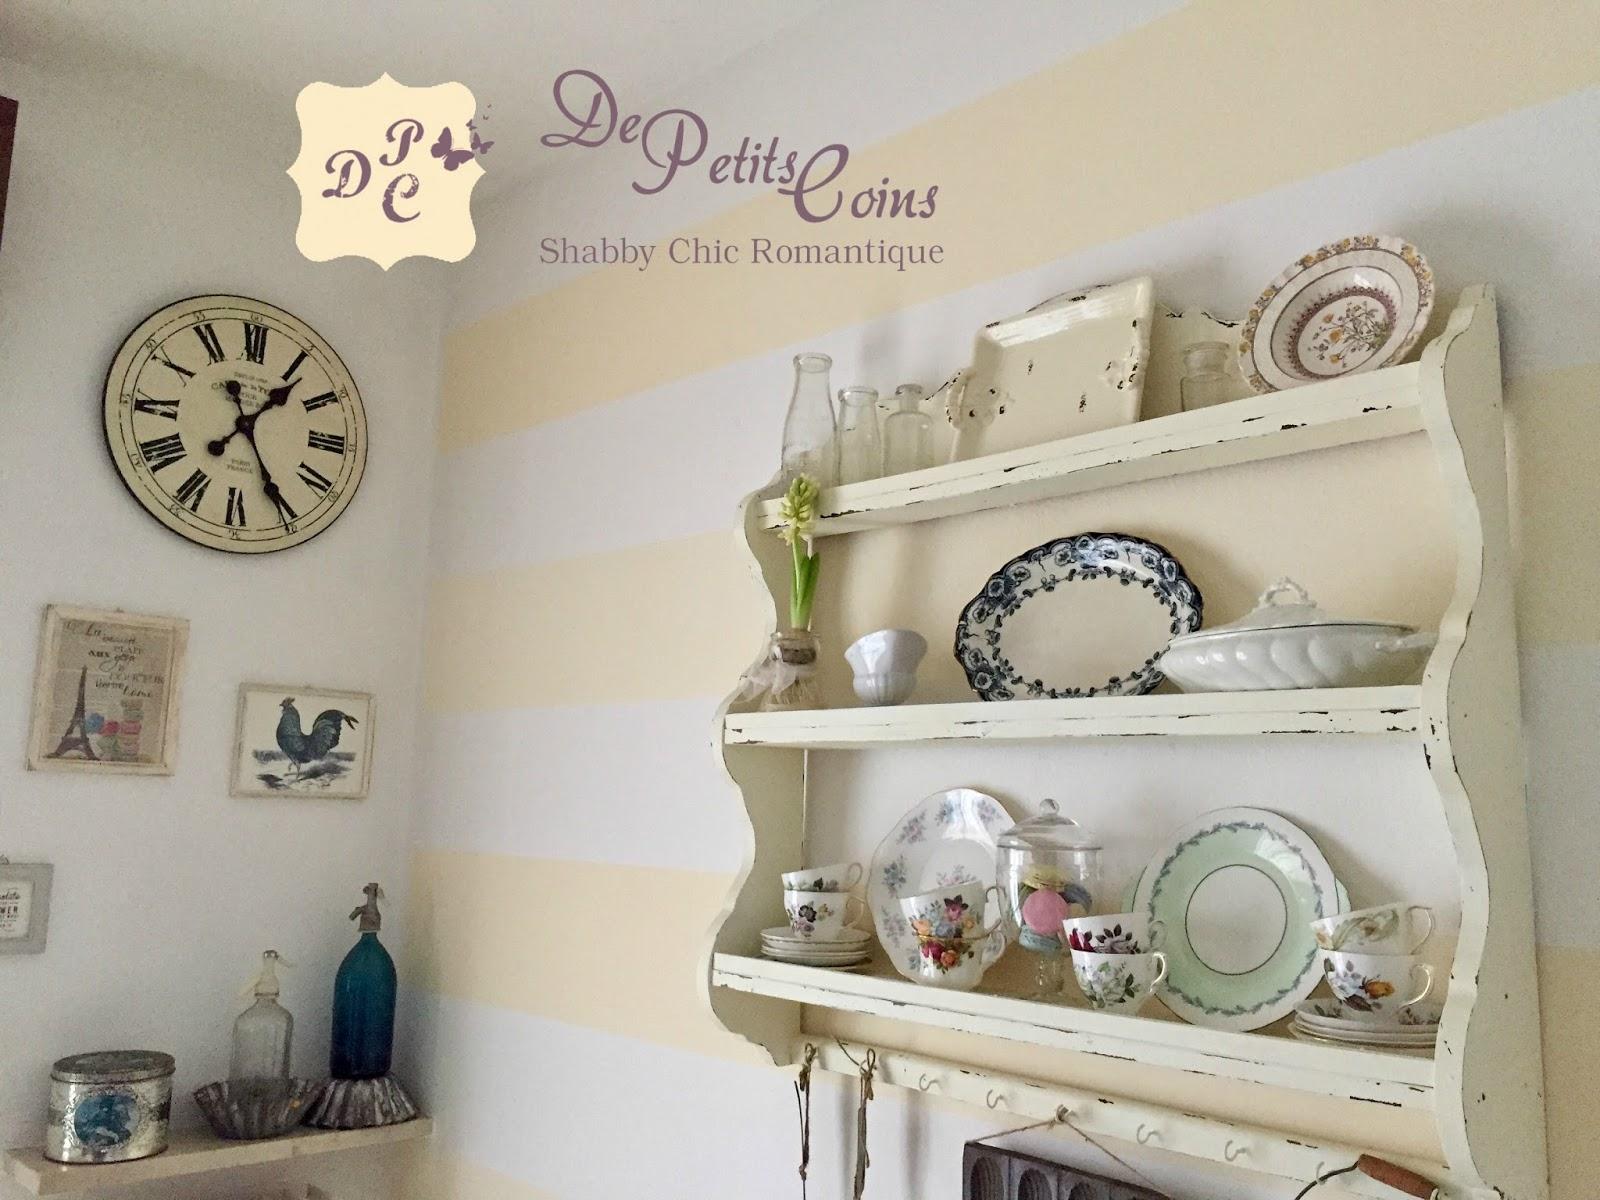 Pareti A Righe In Cucina : De petits coins: parete a righe orizzontali per la mia cucina